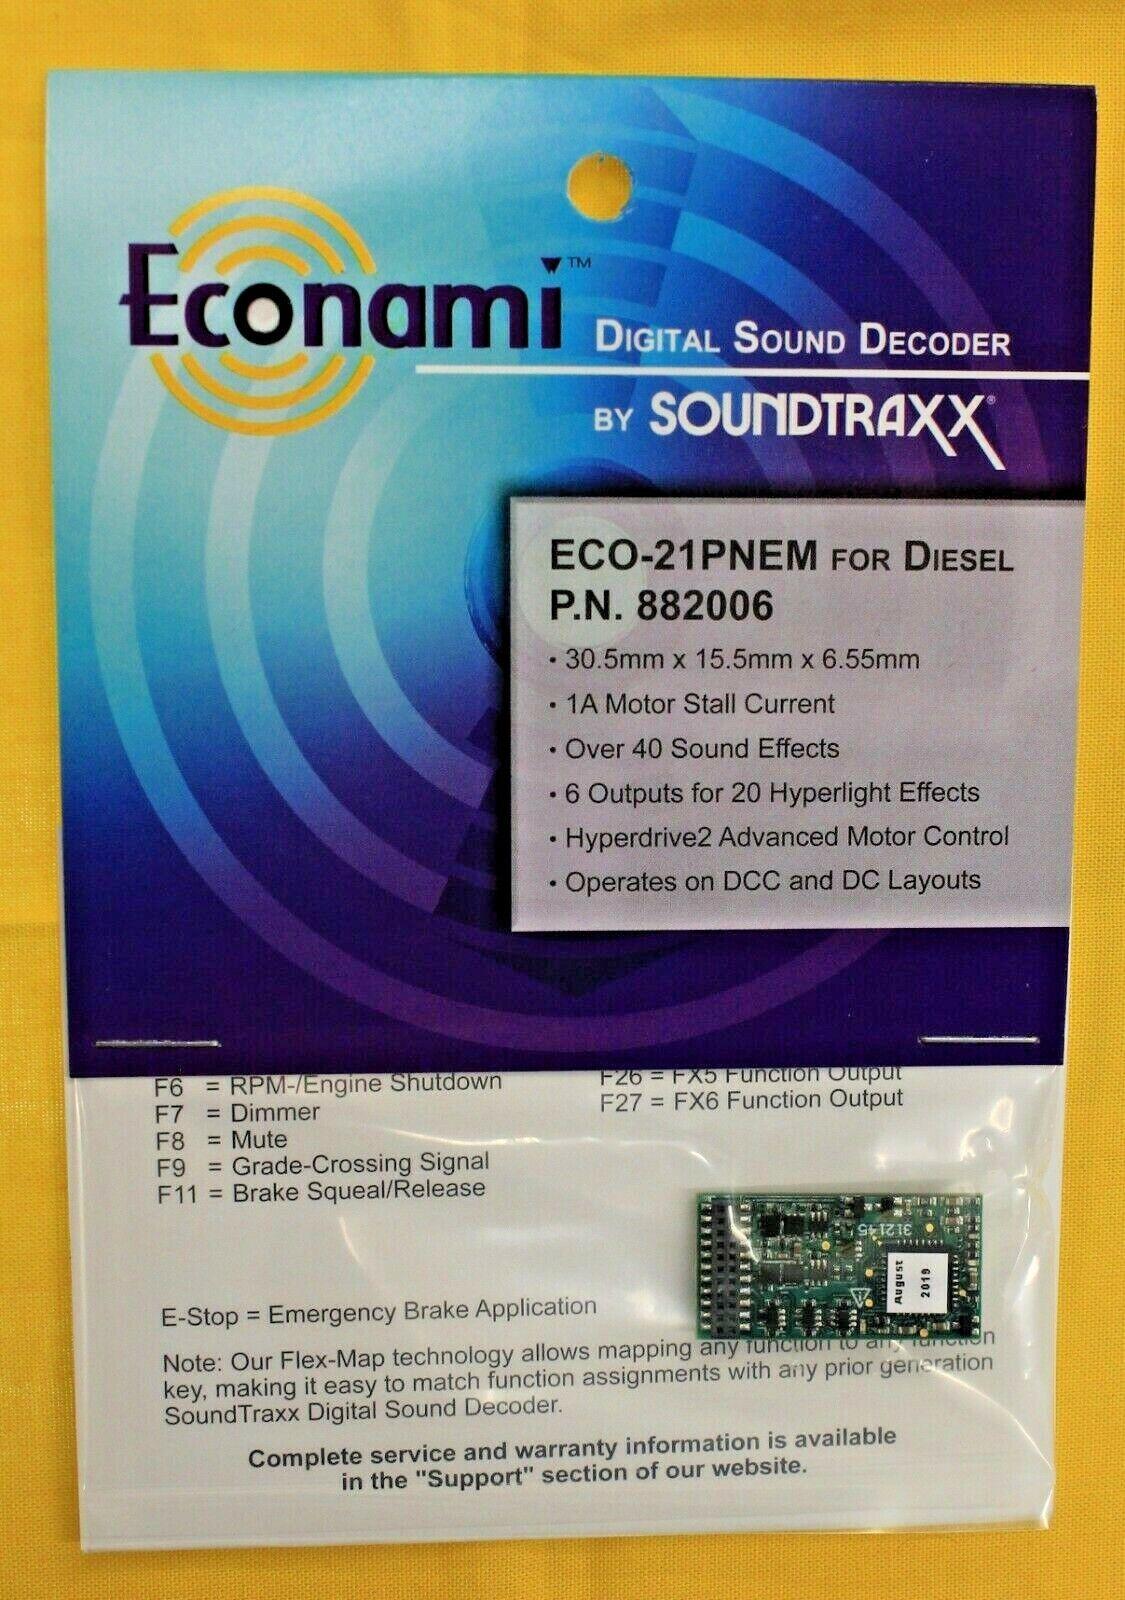 suonotraxx 882006 Digital suono Decodificatore ECO 21 pnem per DieselDC & DCC Layout